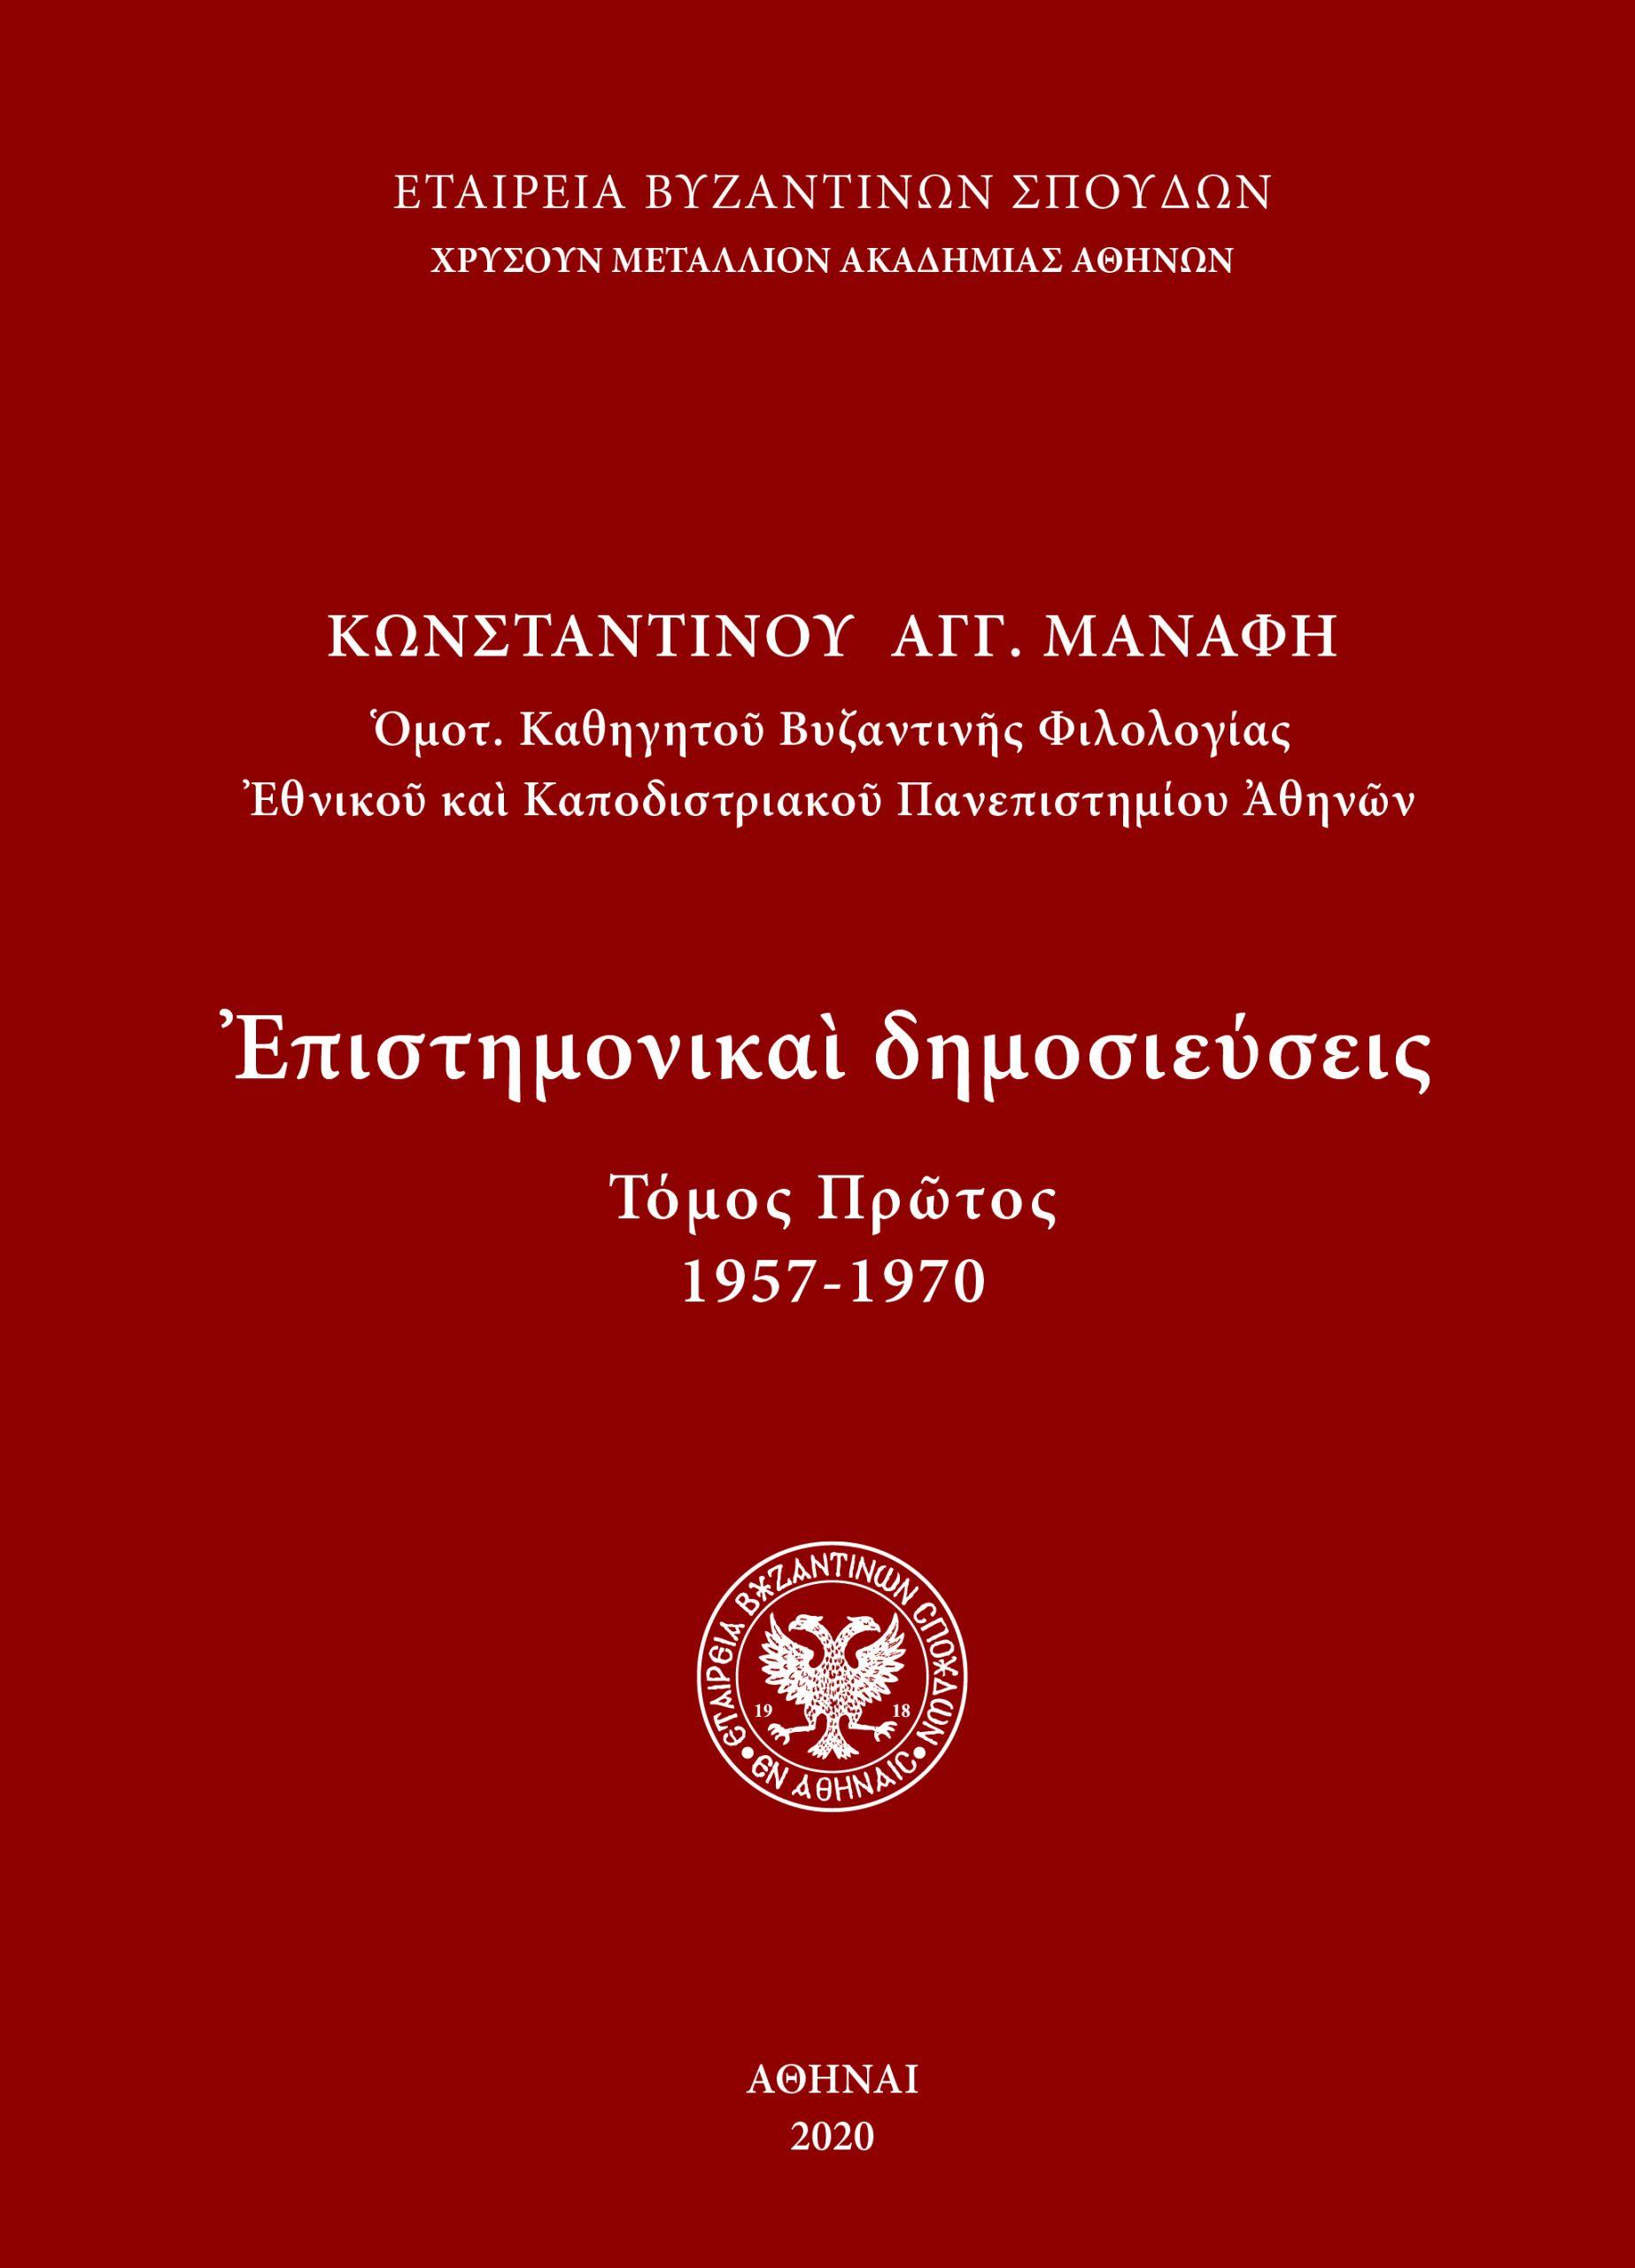 Ἐπιστημονικαὶ Δημοσιεύσεις, Κωνσταντίνου Ἀγγ. Μανάφη